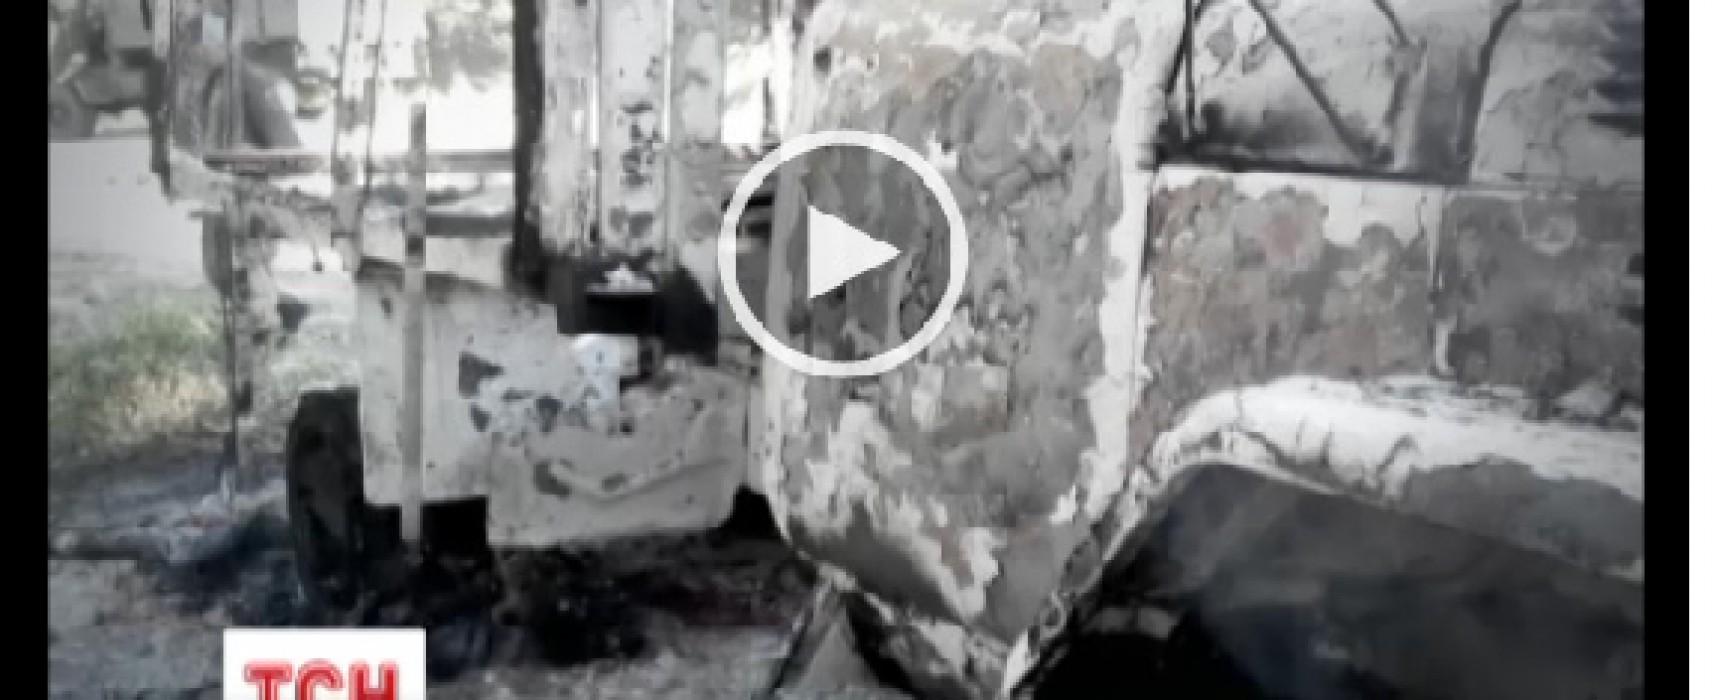 ТСН солгала о подтверждении ОБСЕ применения фосфорных бомб на Донбассе